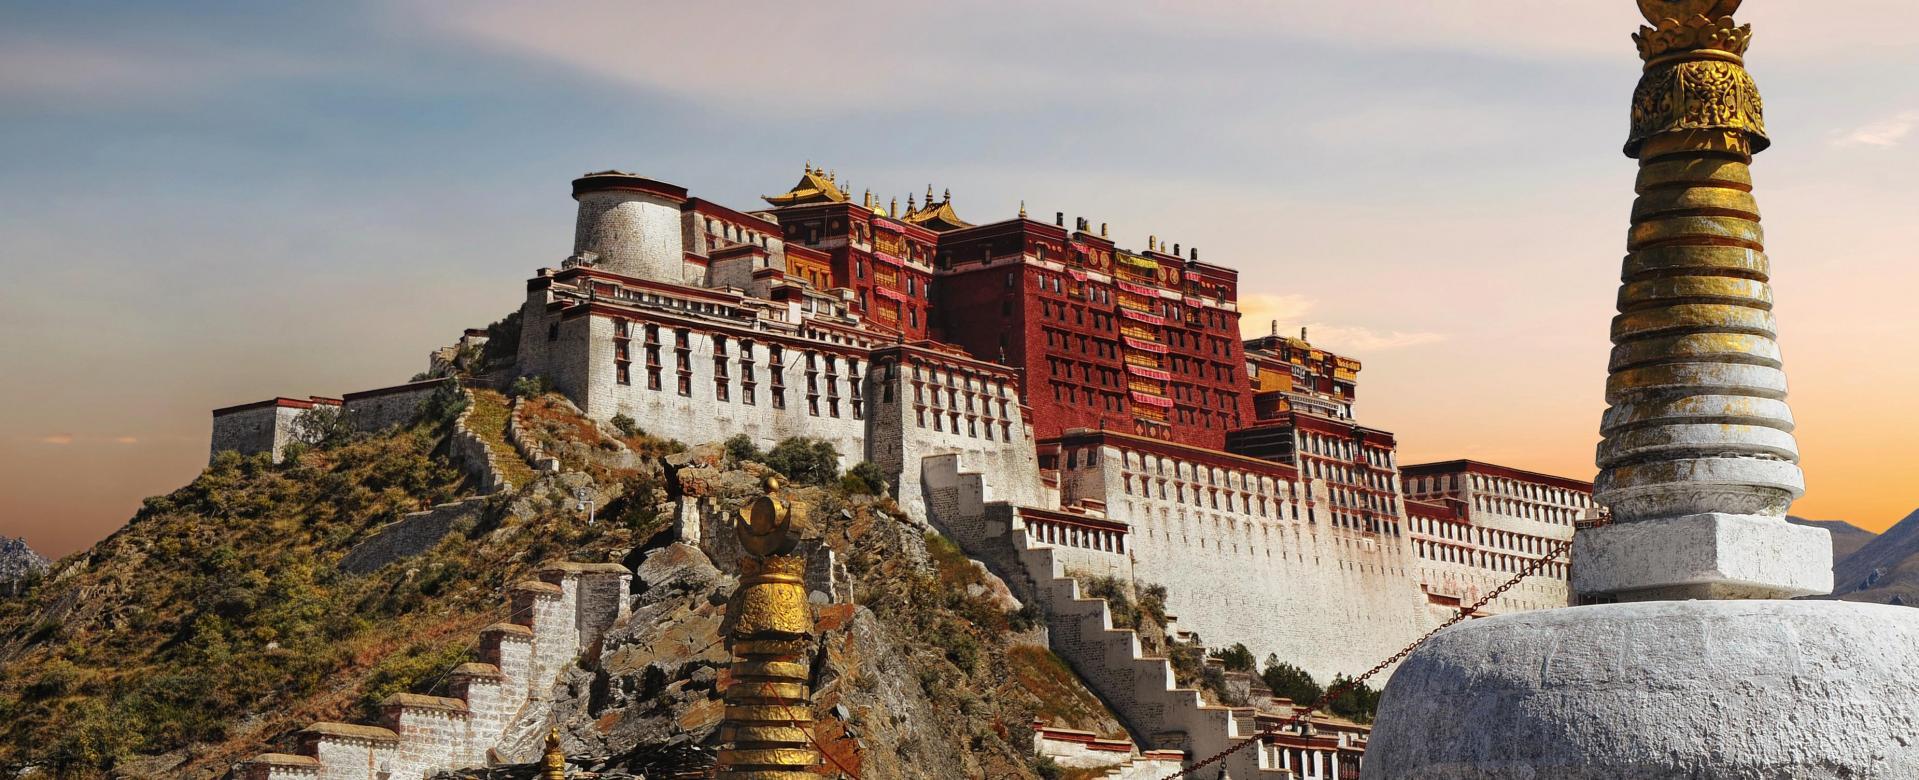 Voyage en véhicule Tibet : Pékin-lhassa, le train céleste